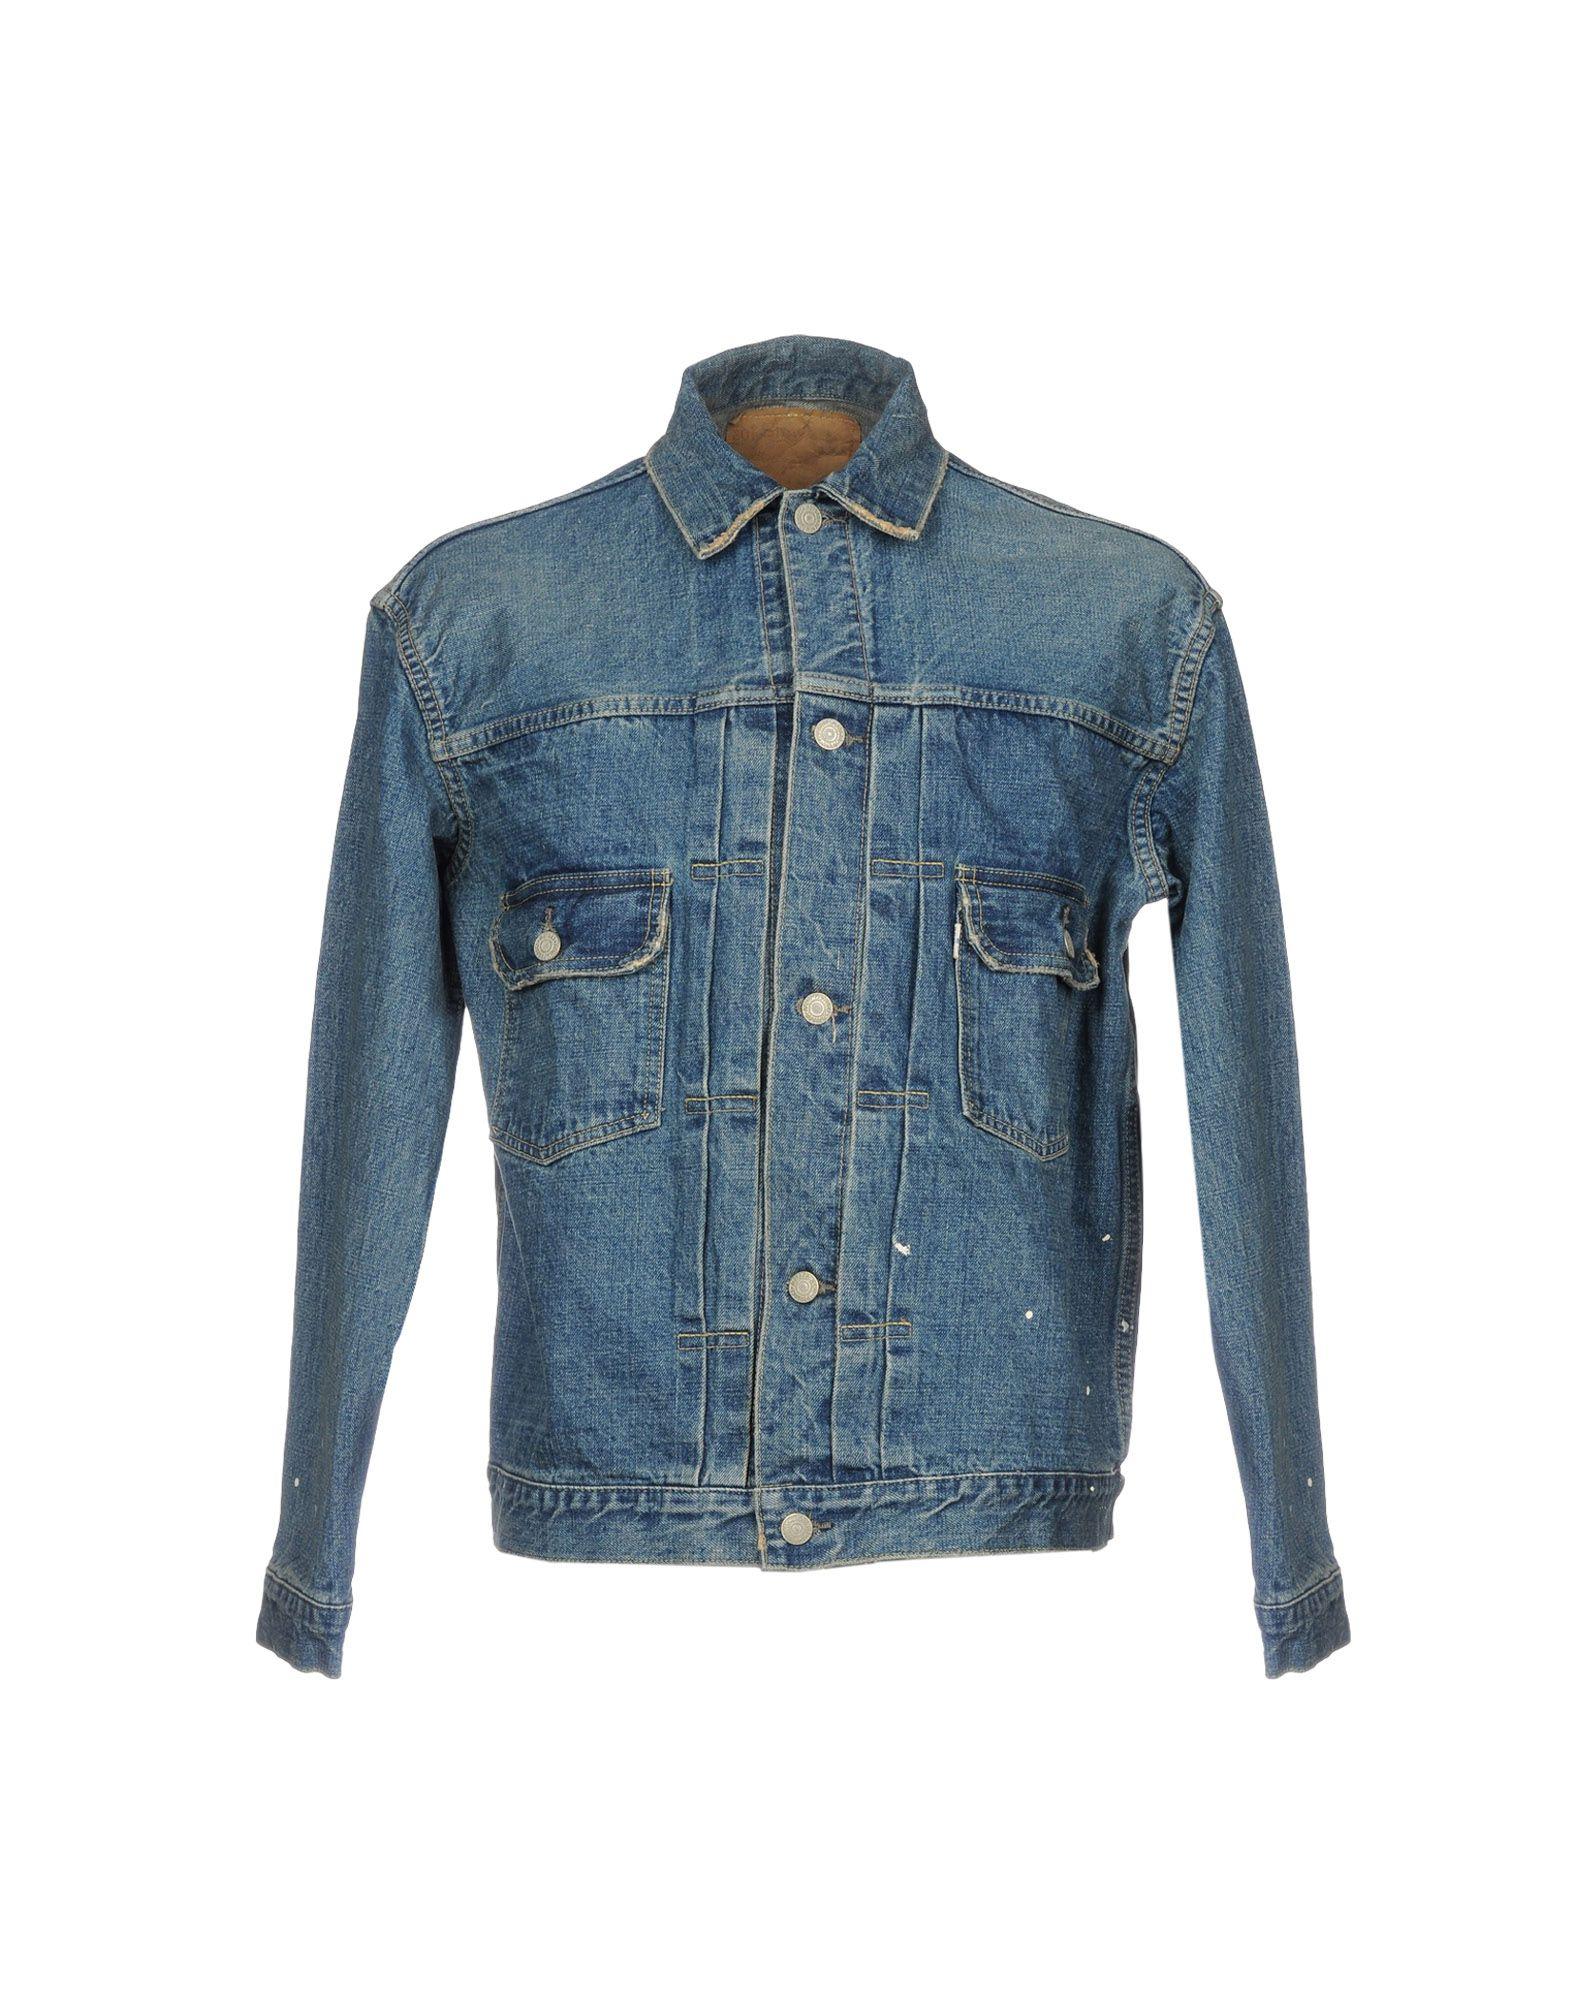 ORSLOW Denim Jacket in Blue